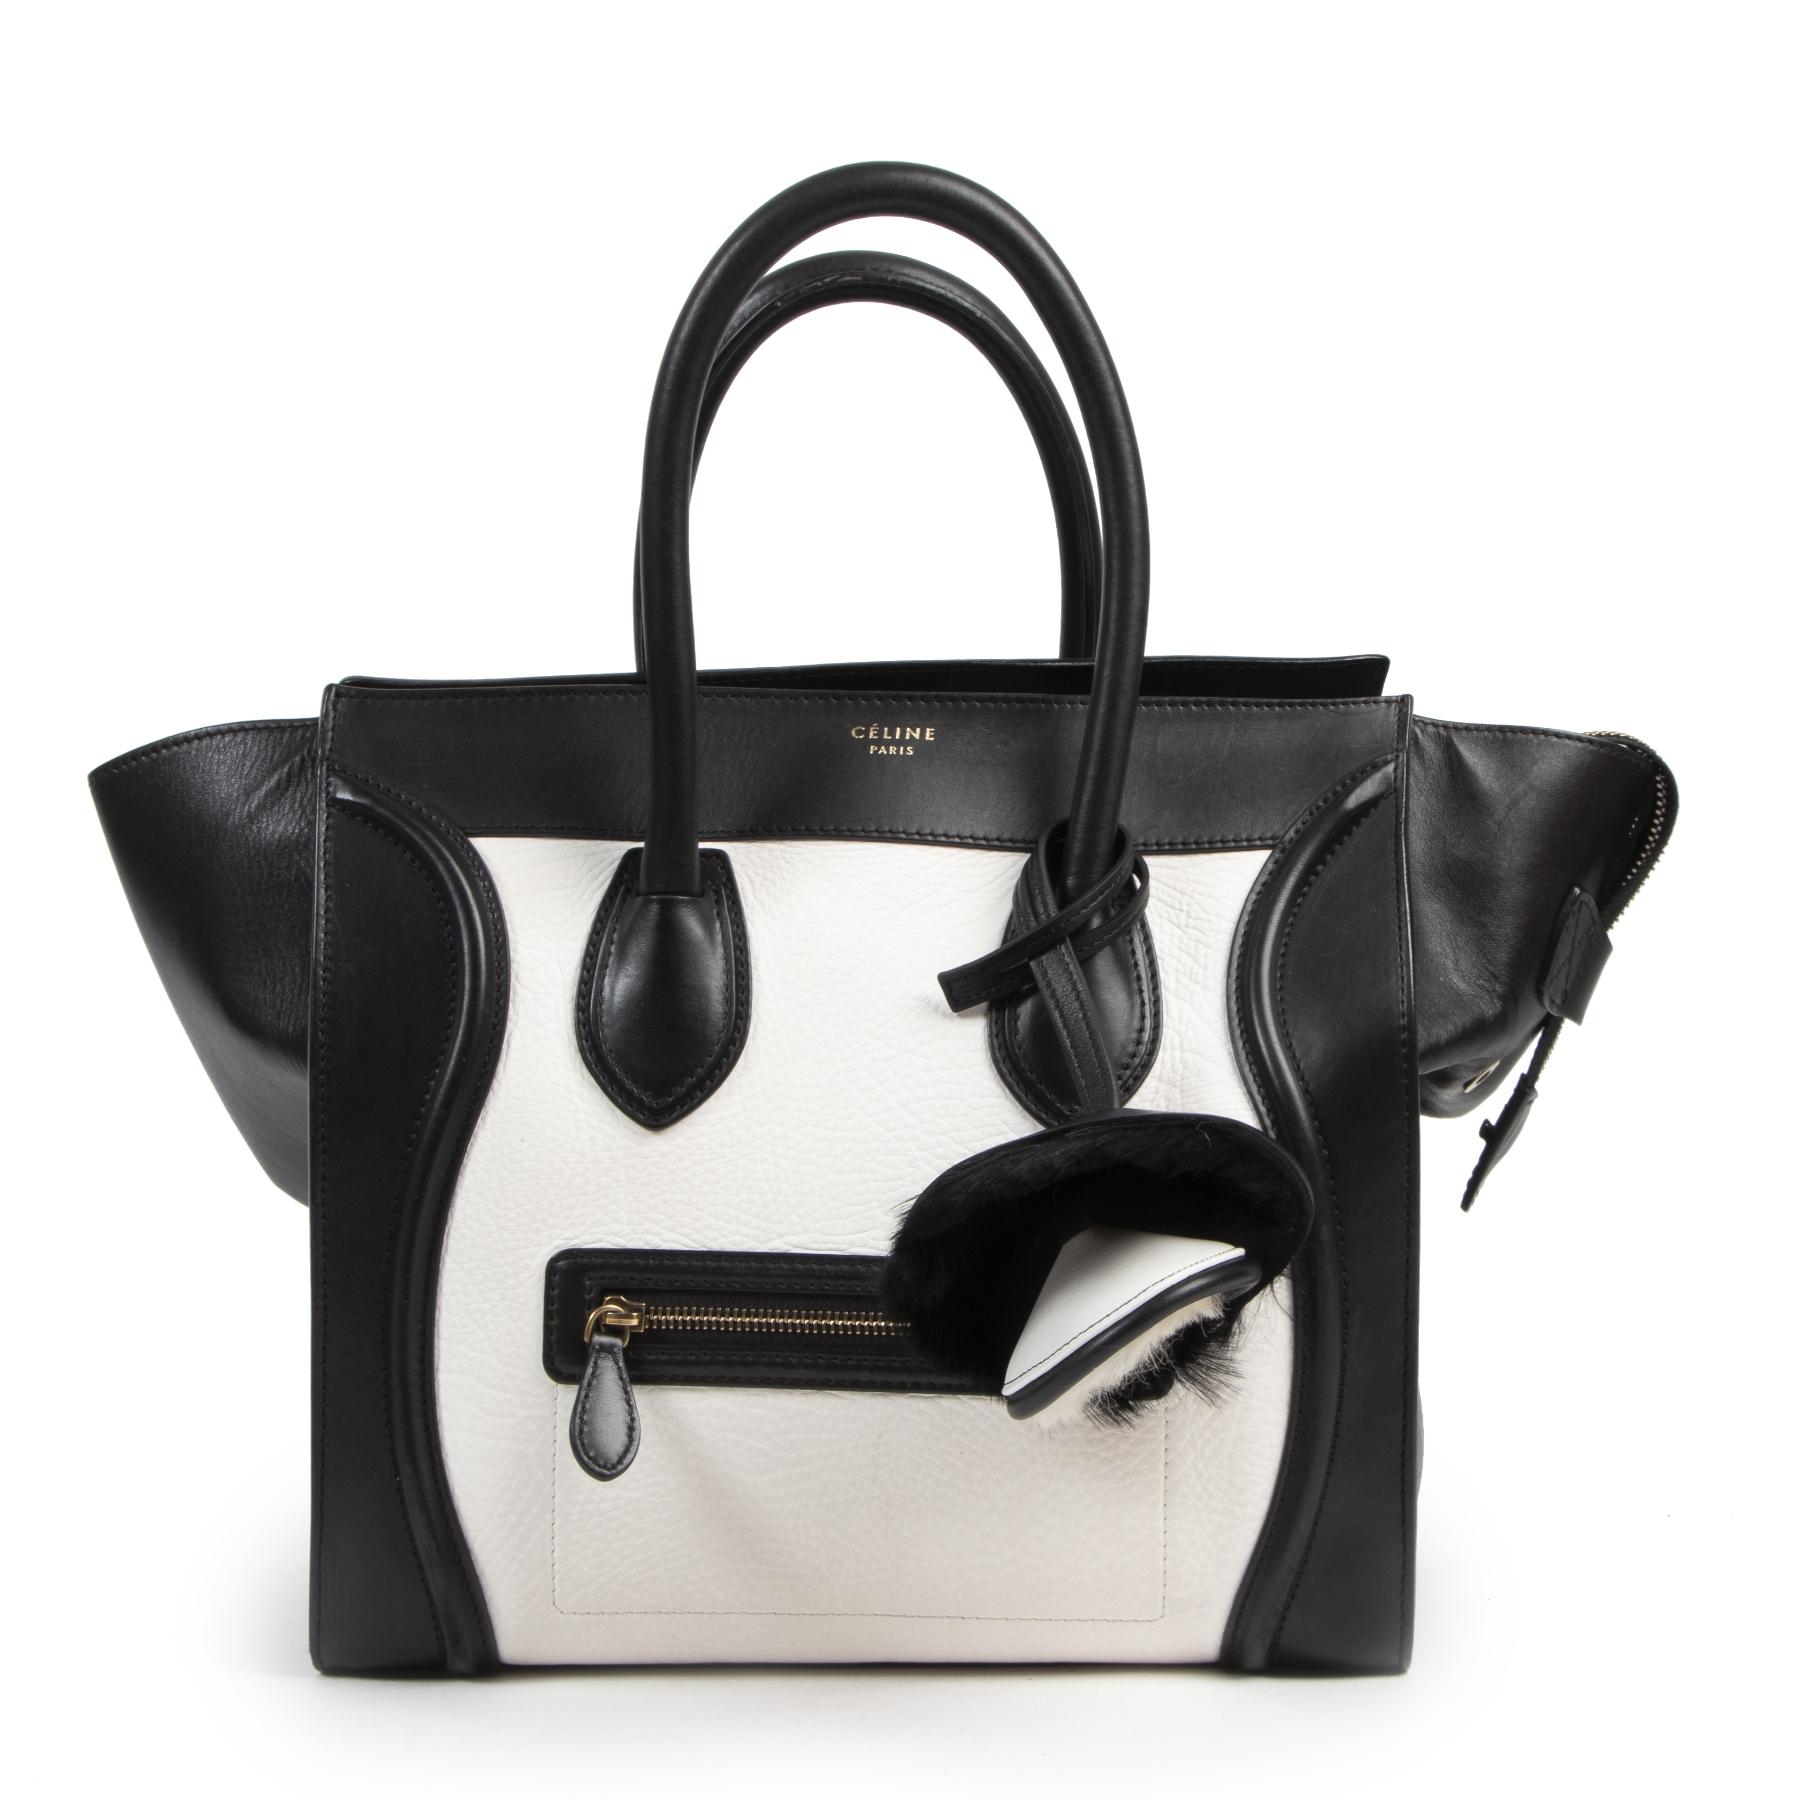 Céline Black and White Fur Bag Charm. Authentieke Céliné accessoires bij LabelLOV Antwerpen. Authentique luxury en ligne webshop LabelLOV. Authentic Céline accessories at LabelLOV Antwerp.